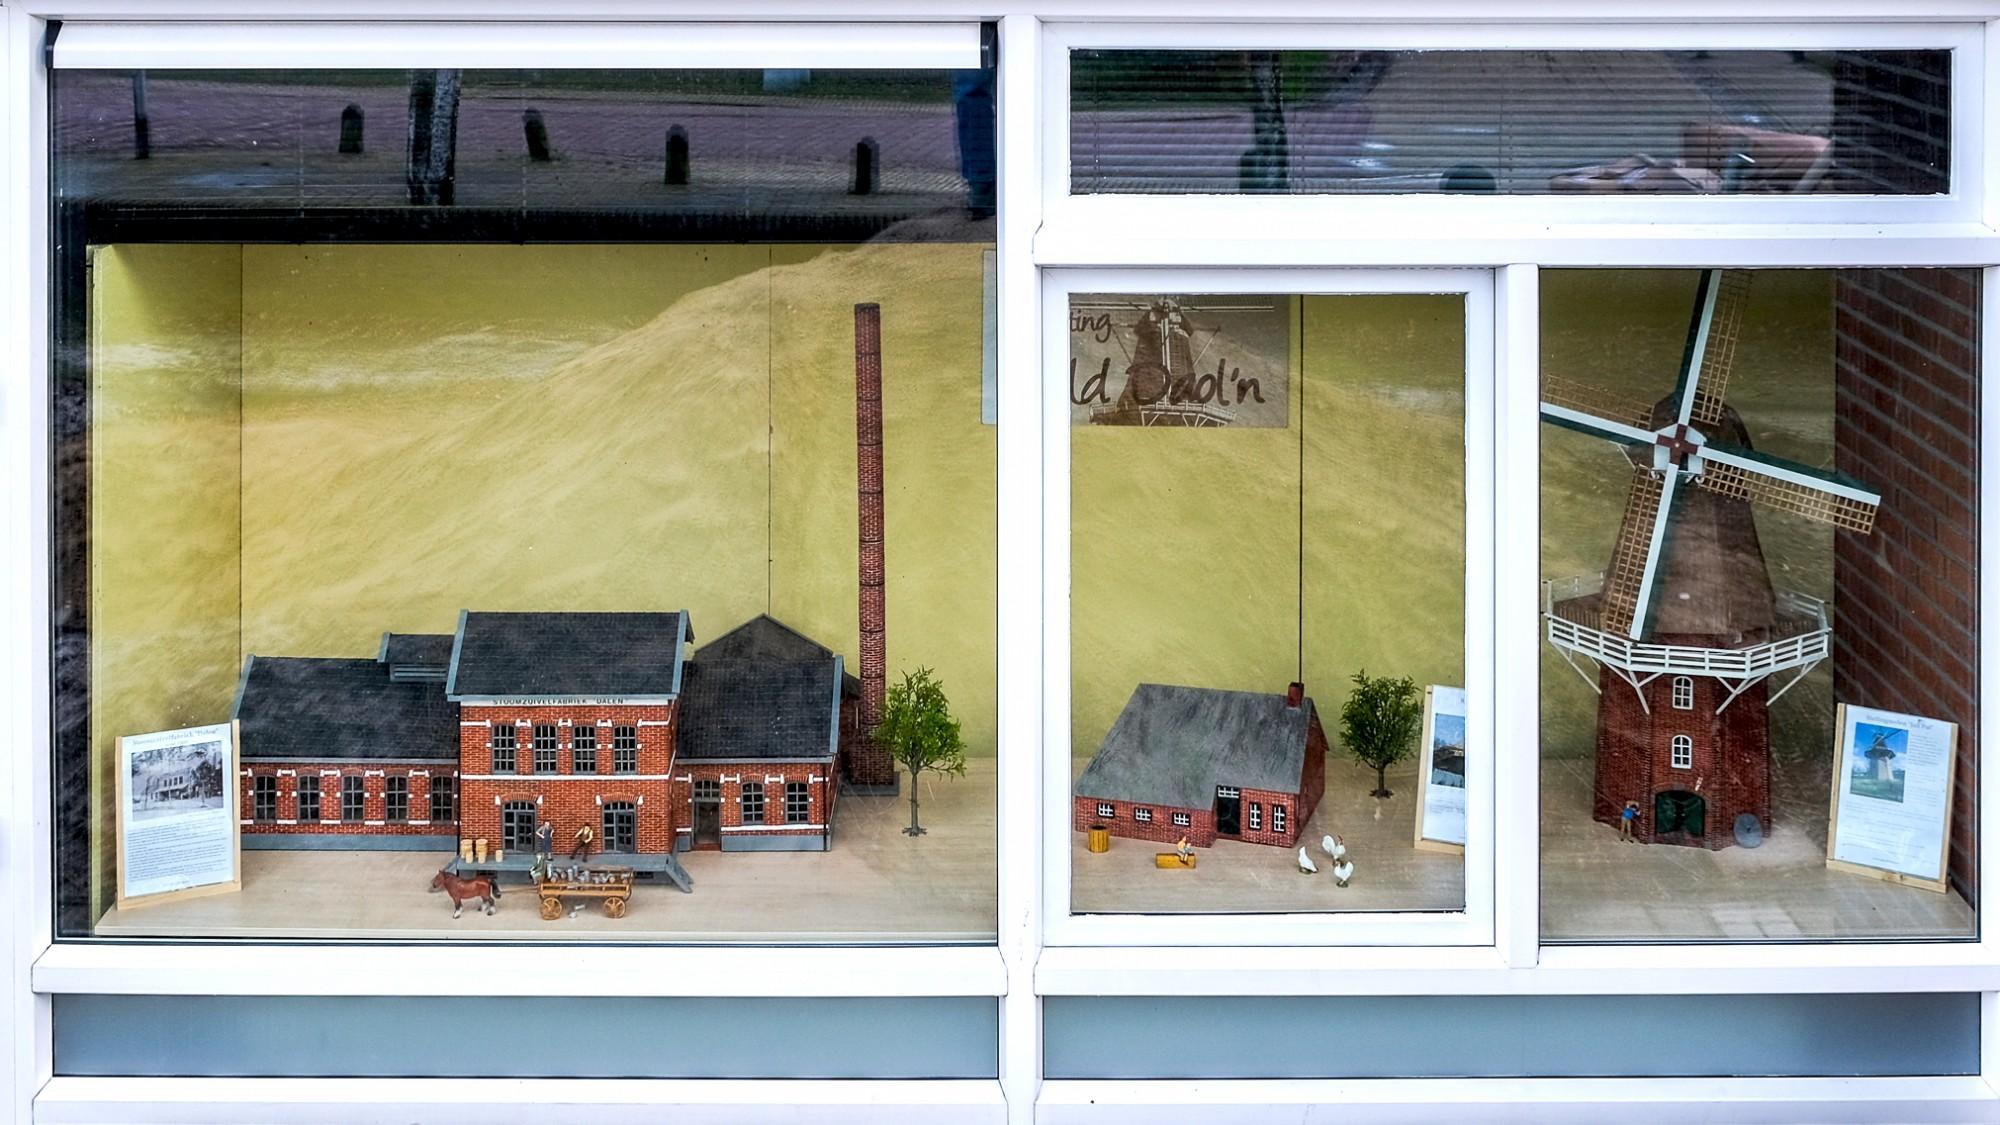 Foto vitrine Aold Daoln